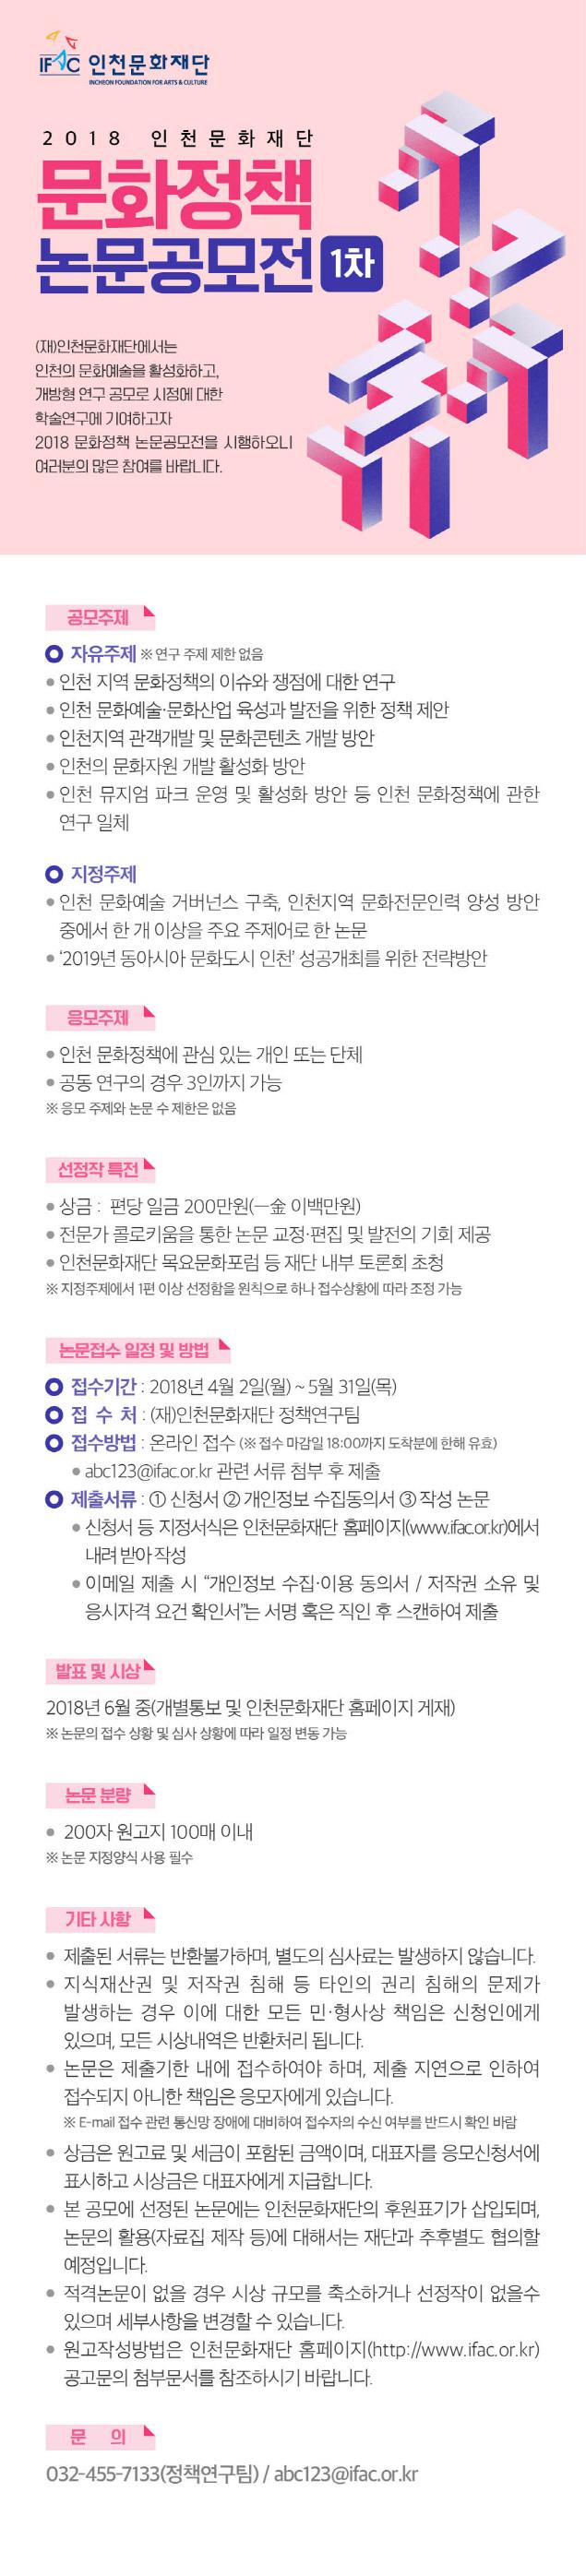 크기변환_2018 문화정책논문공모전 웹배너 0305.jpg